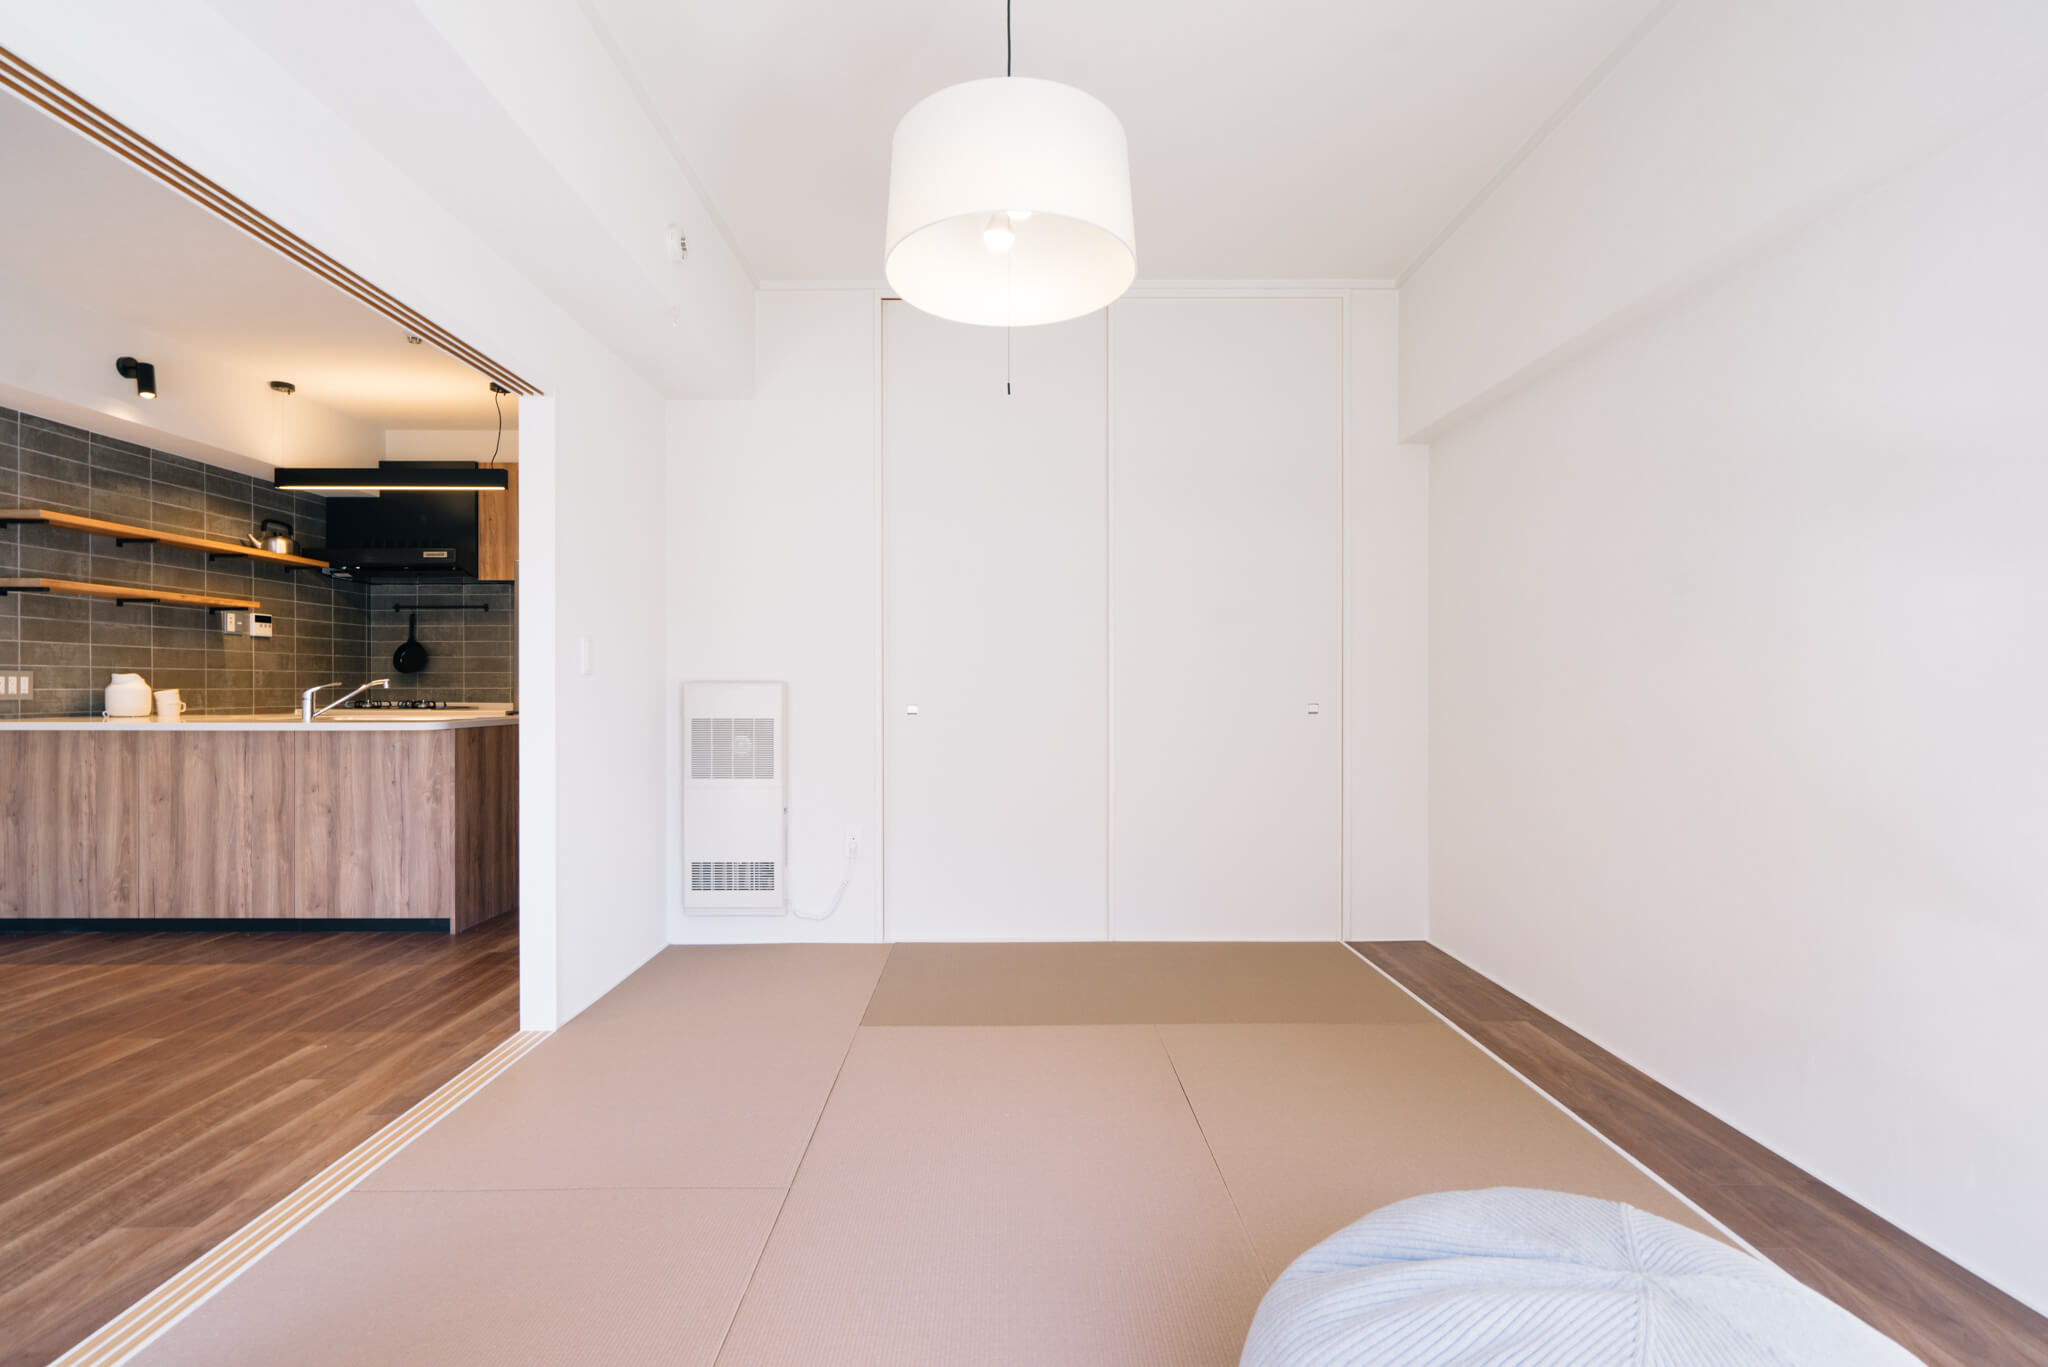 ダイニングキッチンの横には、お手入れが楽な和紙畳を使用した和室が。